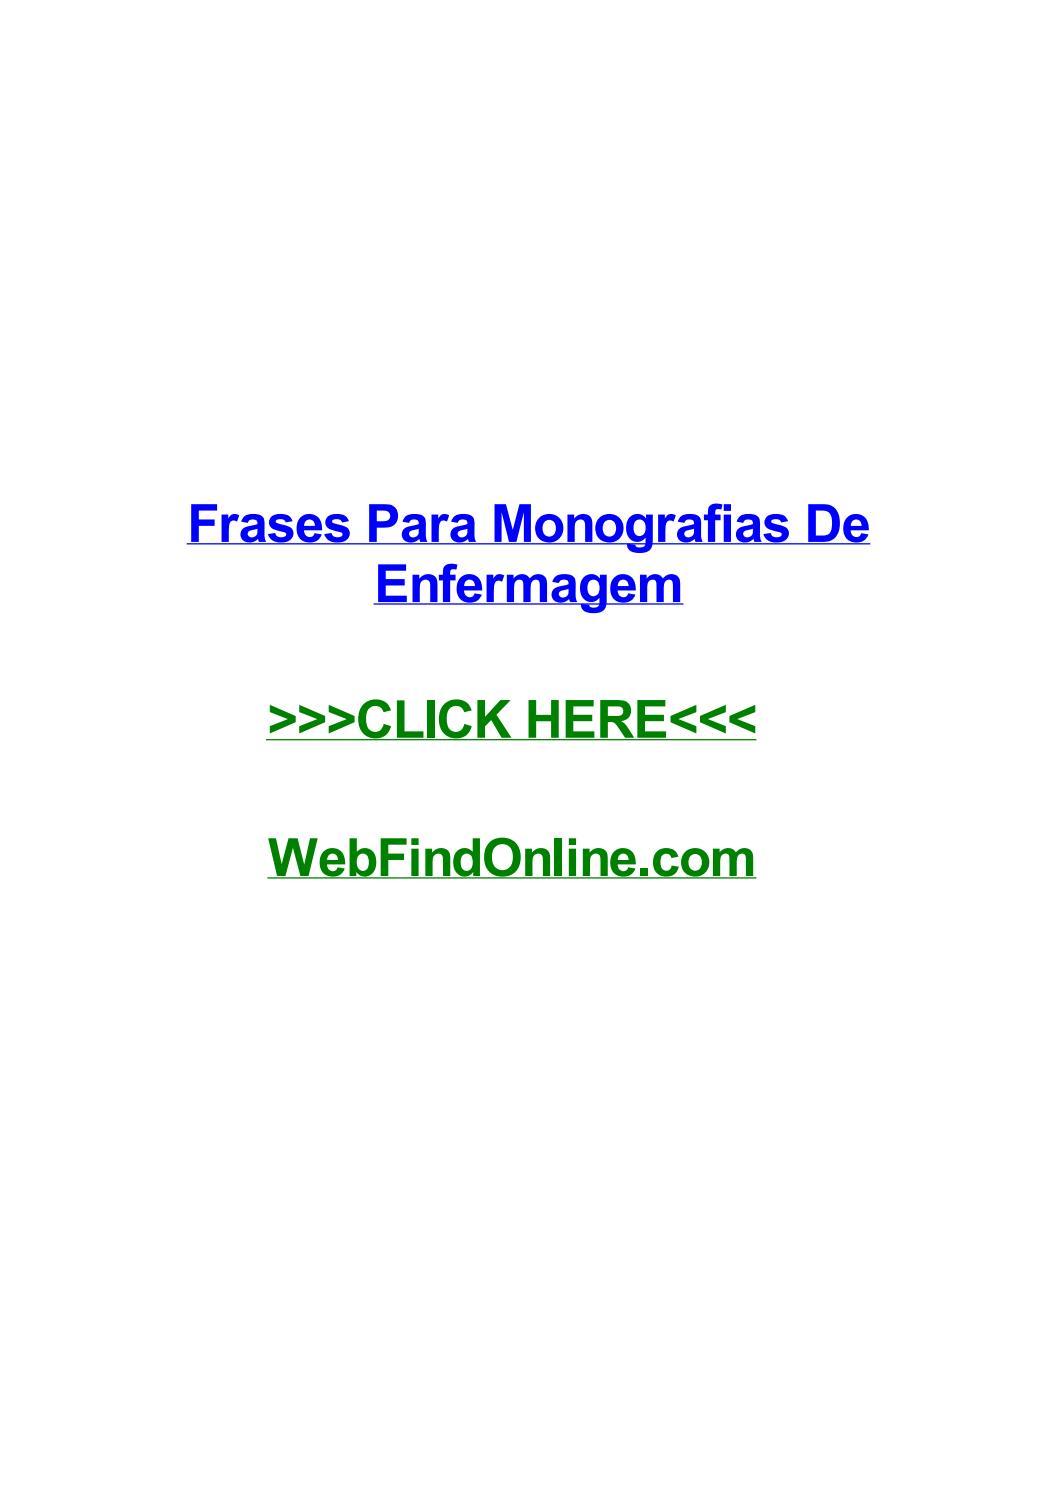 Frases Para Monografias De Enfermagem By Sheilamgtx Issuu